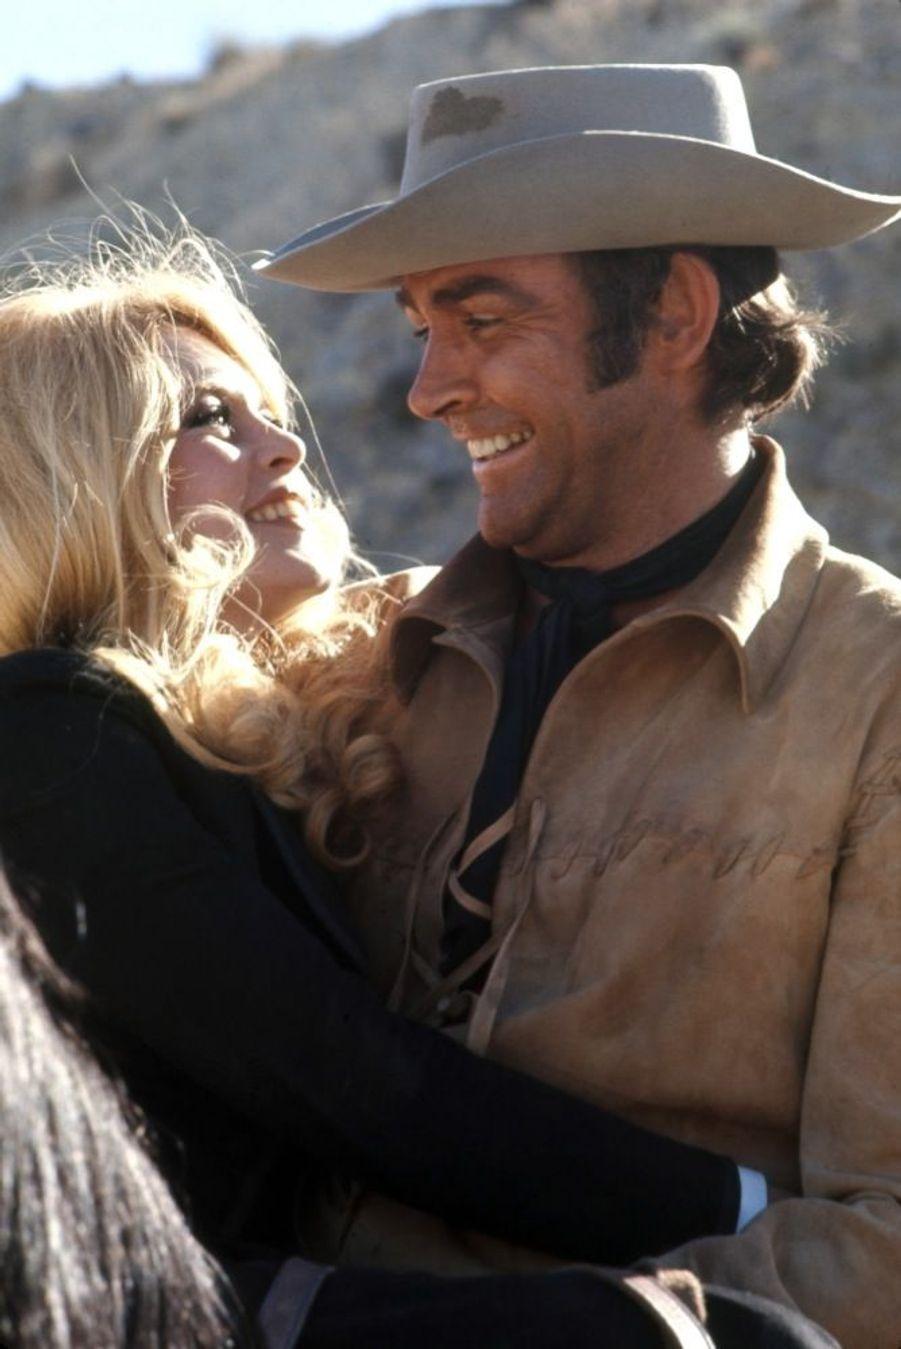 « Le cow-boy Sean Connery sauvera des Indiens B.B., riche comtesse slave attirée par l'aventure de l'Ouest...» - Paris Match n°981, 27 janvier 1968